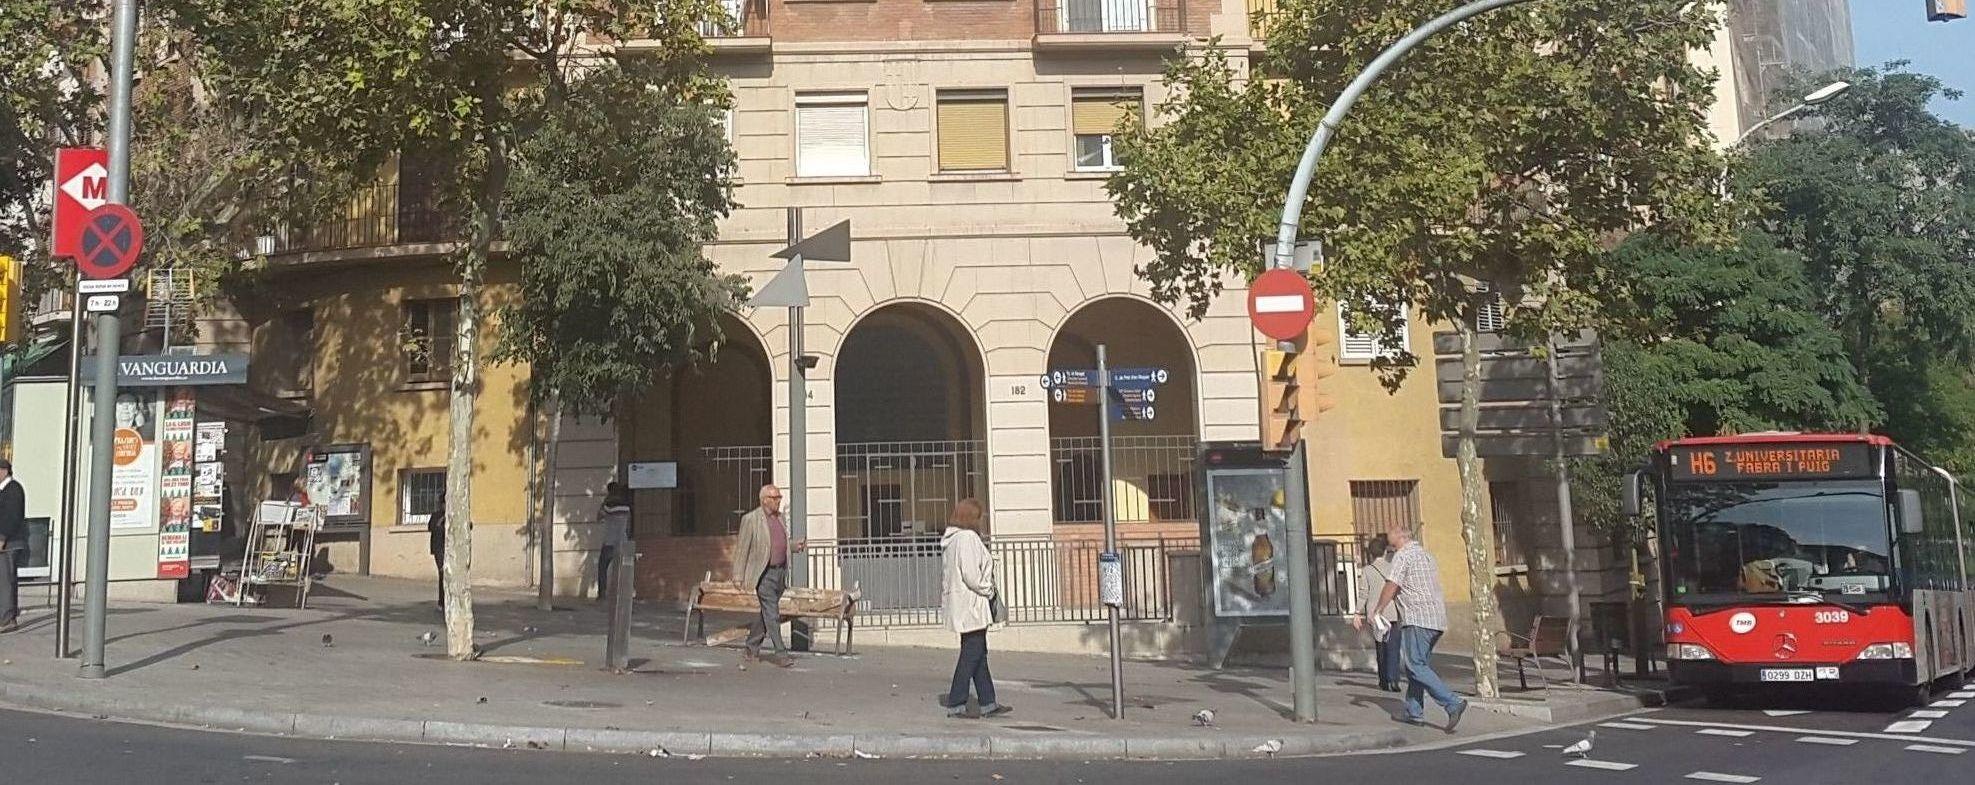 Foto 21 de Despacho de abogados multidisciplinar en Barcelona en Barcelona | Abogados Maragall